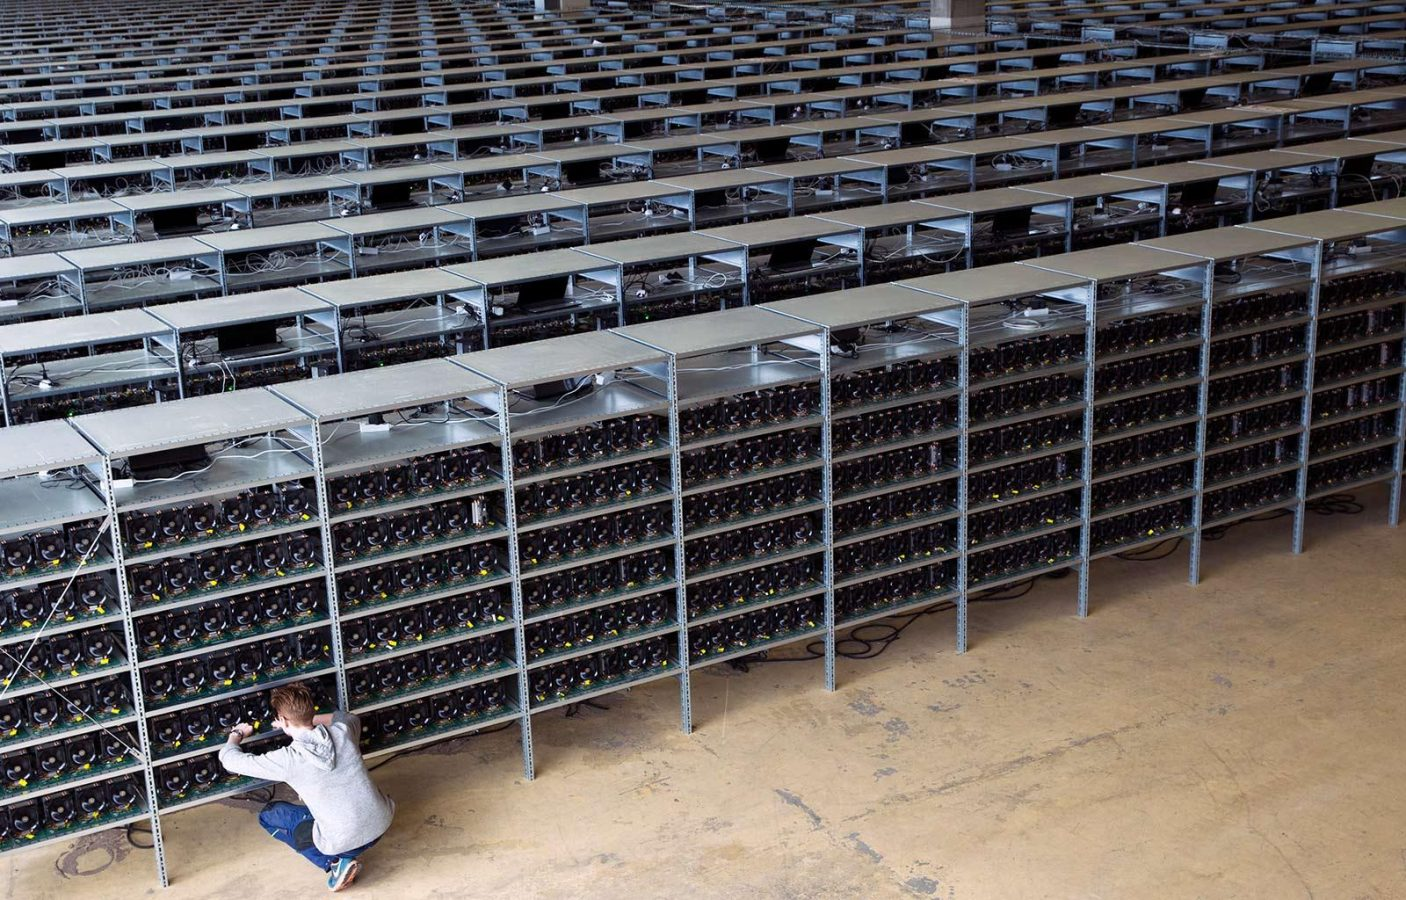 Bitcoin estratti imining arriva 80 globale - Bitcoin già quasi tutti estratti: il mining arriva all'80% della quantità globale